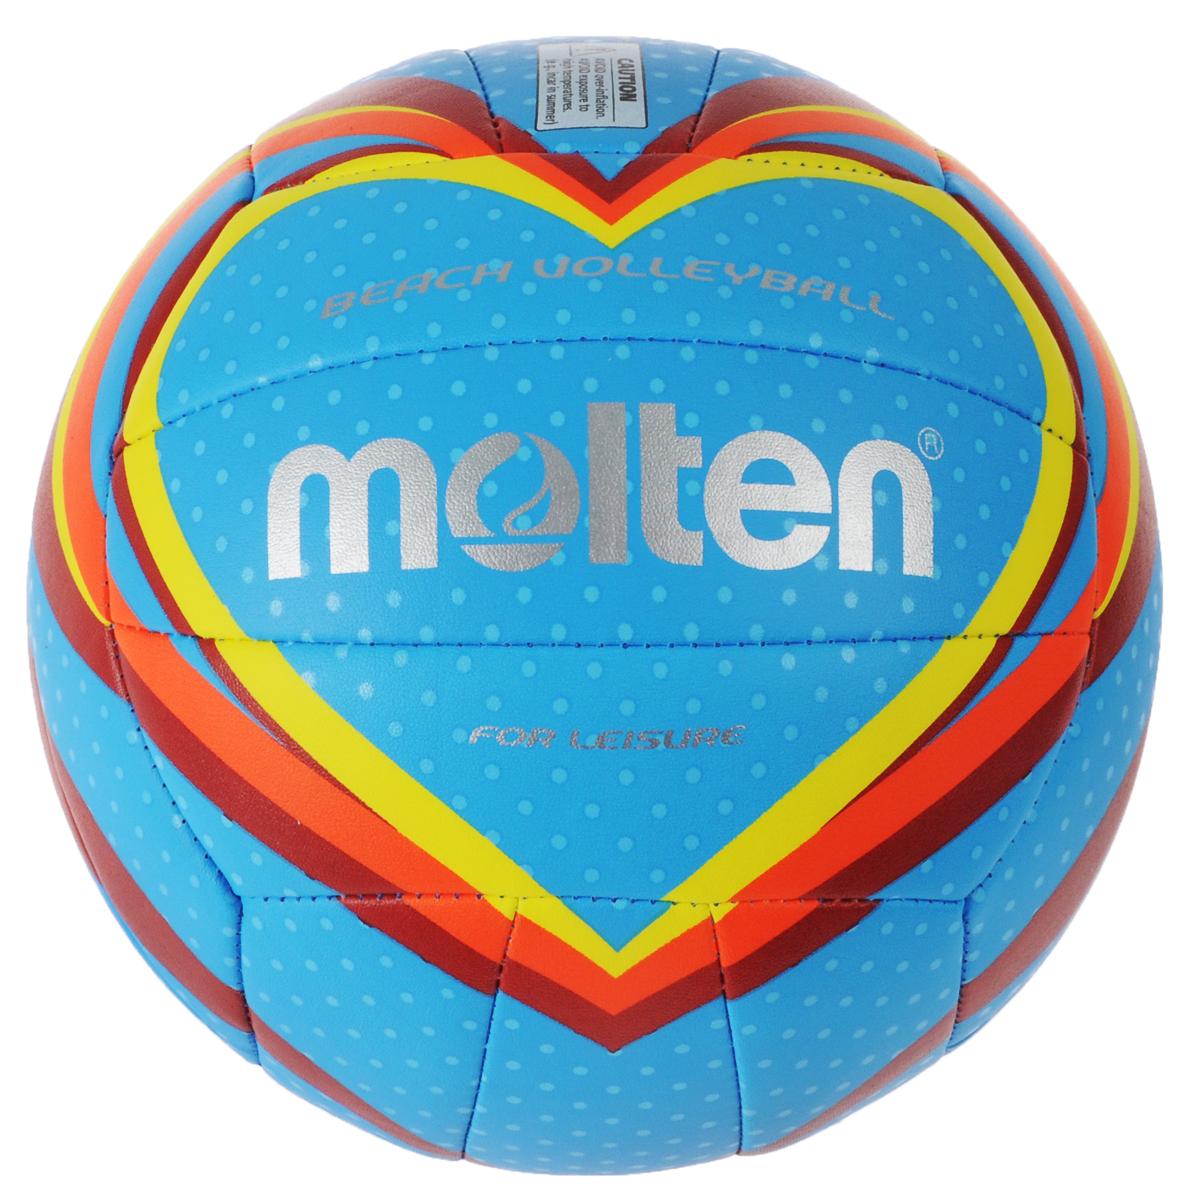 Мяч для пляжного волейбола Molten, цвет: голубой. Размер 5120335_navy/whiteМяч для пляжного волейбола Molten изготовлен из мягкой синтетической кожи, обеспечивающей мягкий контакт с рукой. Отличные игровые характеристики. Ручное шитье. Имеет официальный вес и размер.